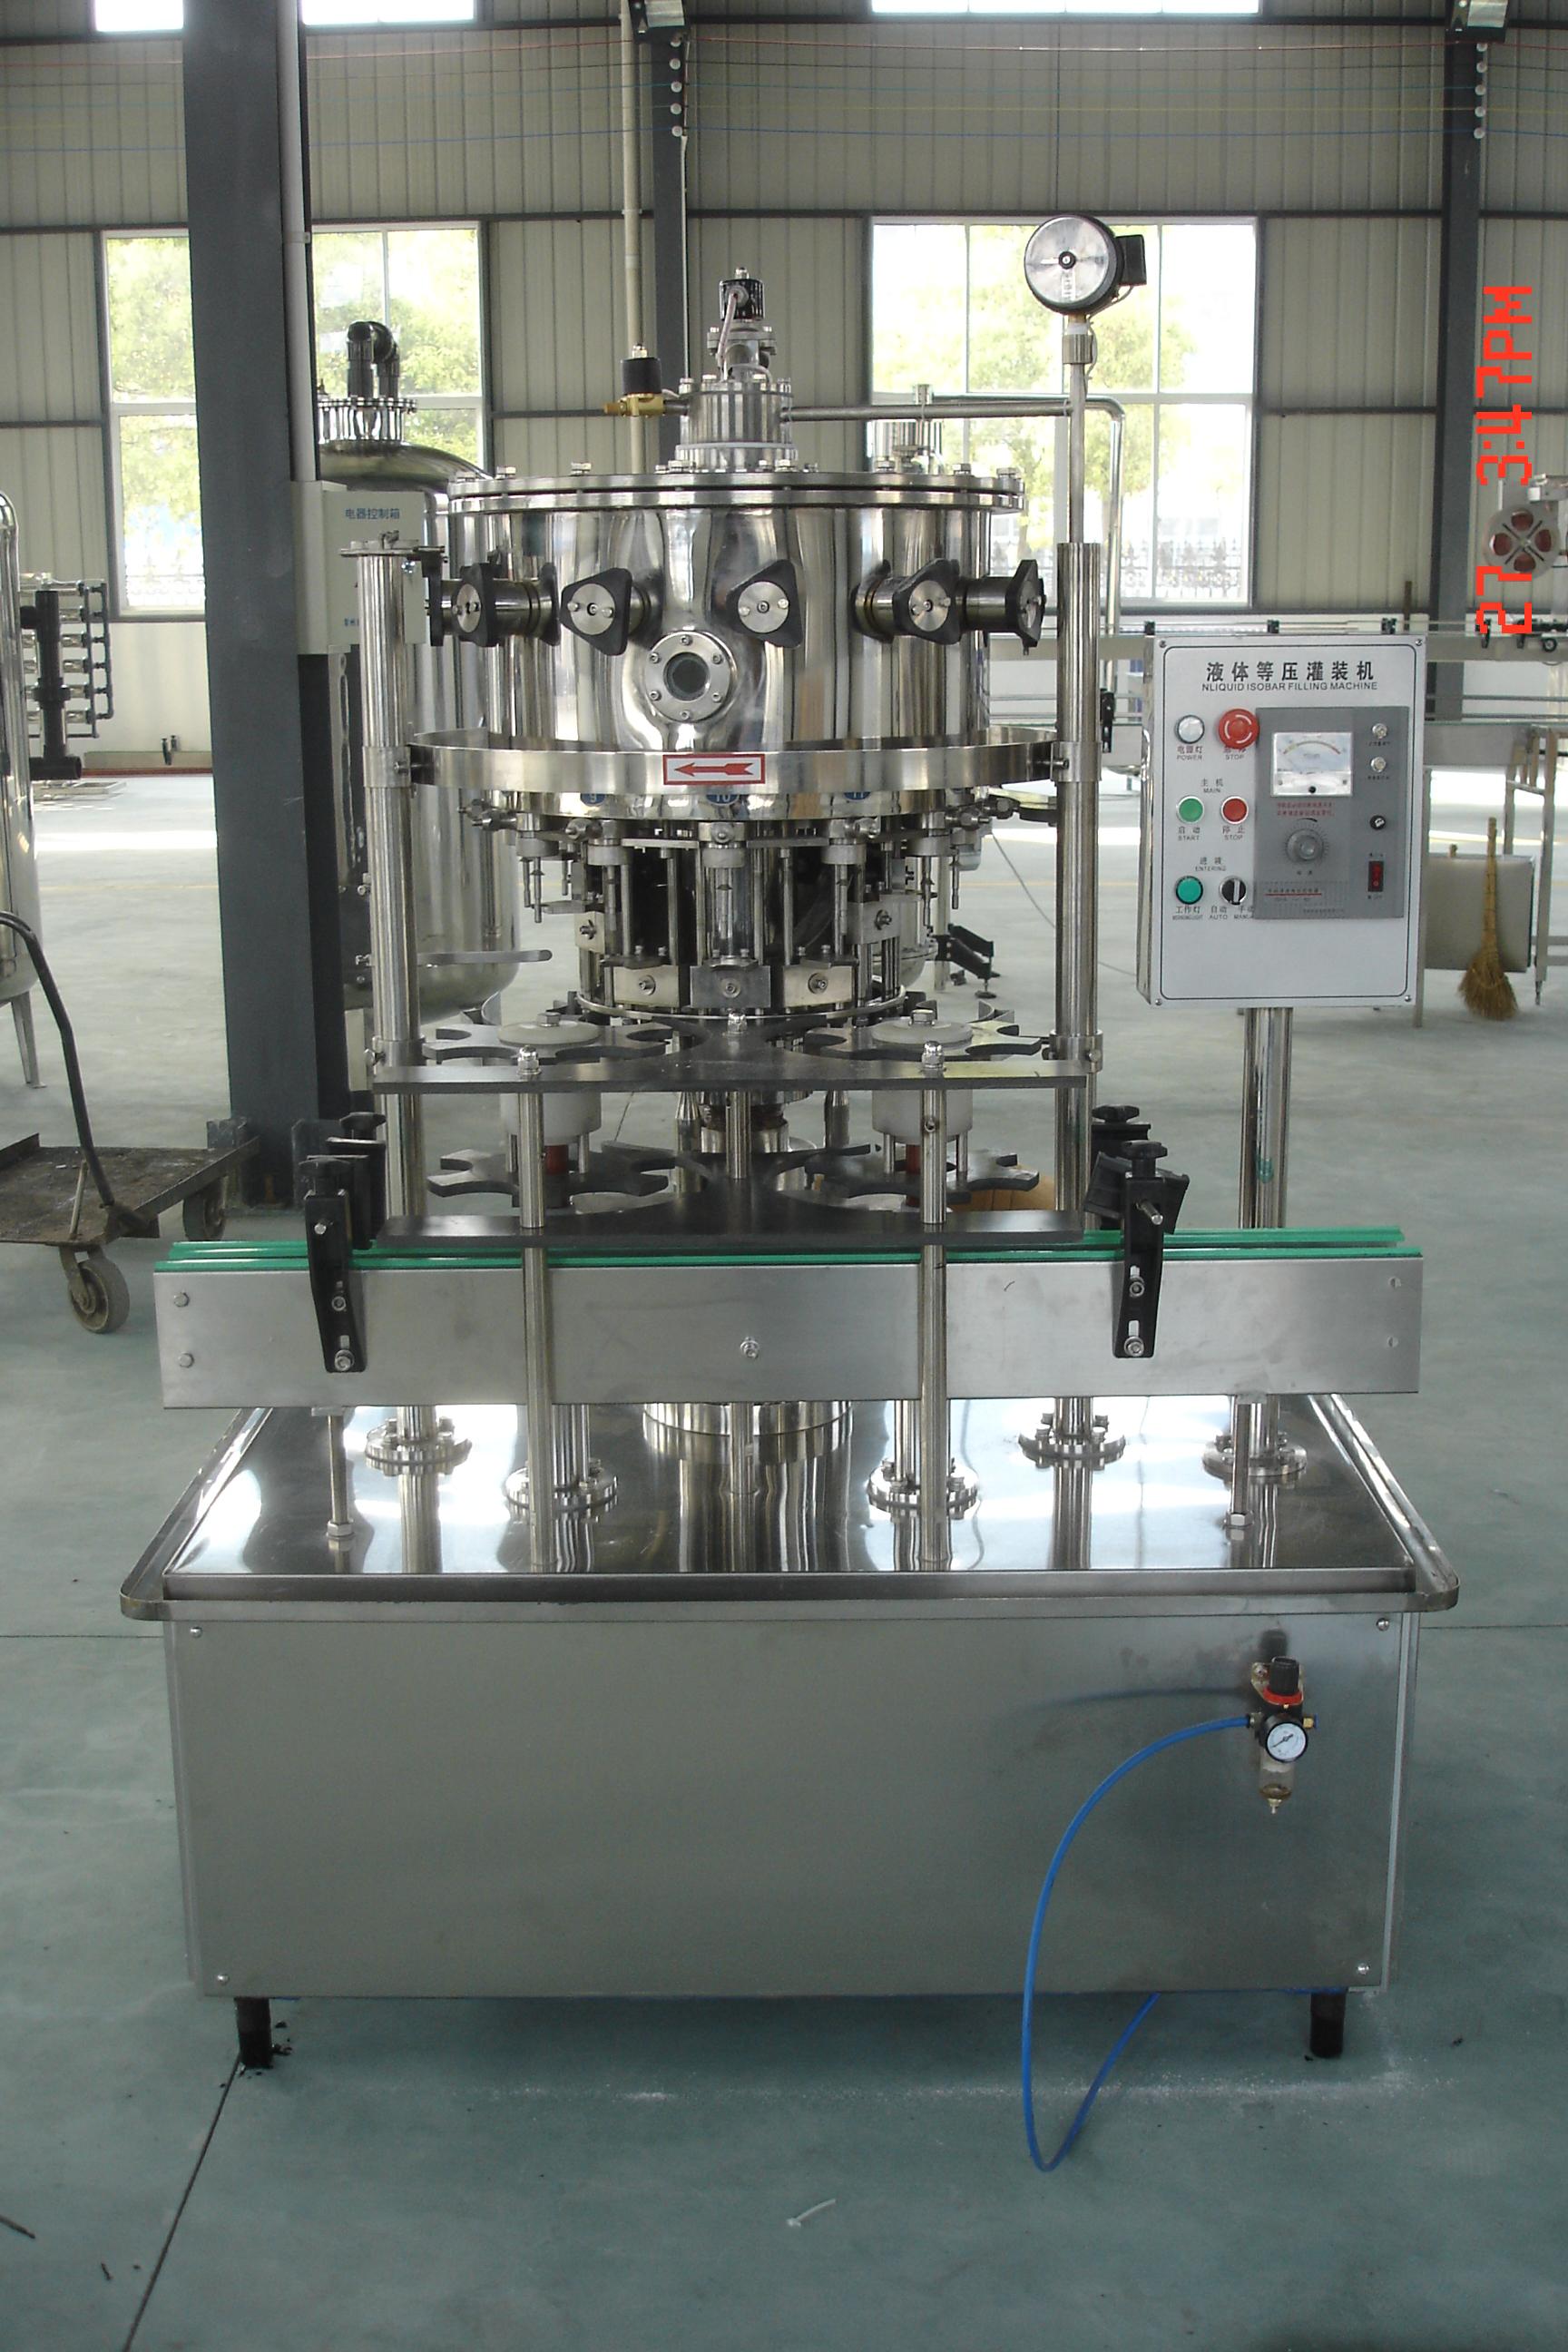 Вакансия Инженер по обслуживанию аппаратов питьевой воды